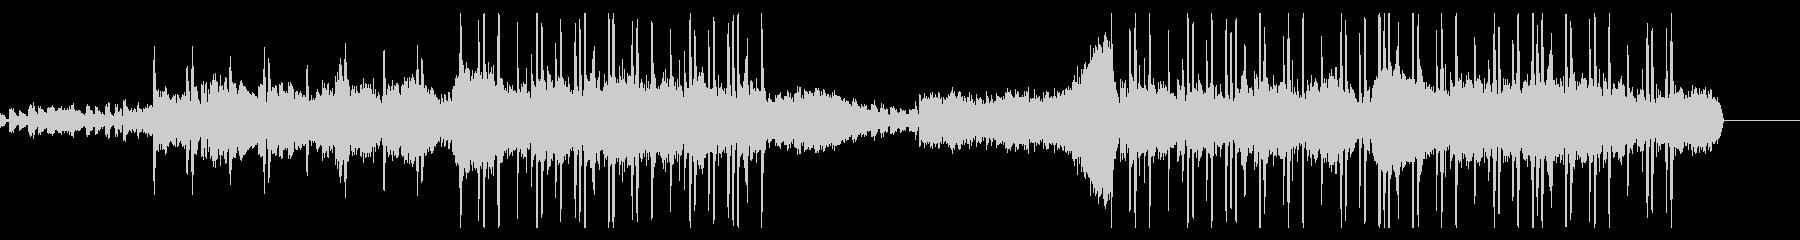 voiceが印象的なエレクトリックポップの未再生の波形